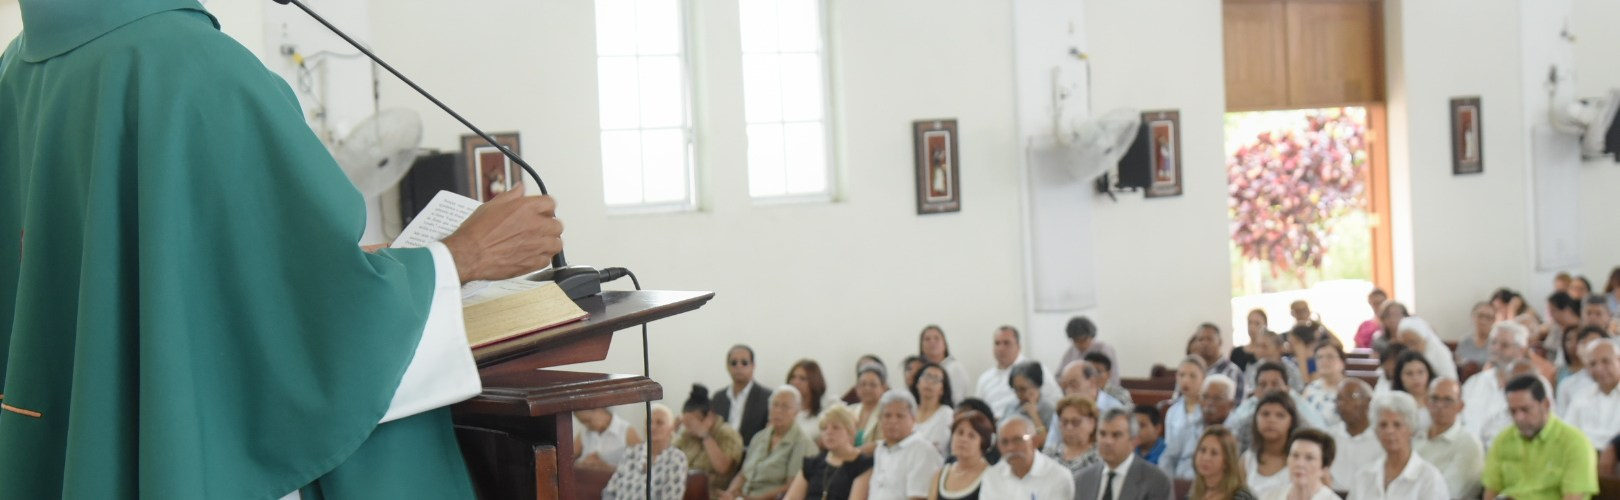 Recuerdan aniversario suicidio de Guzmán